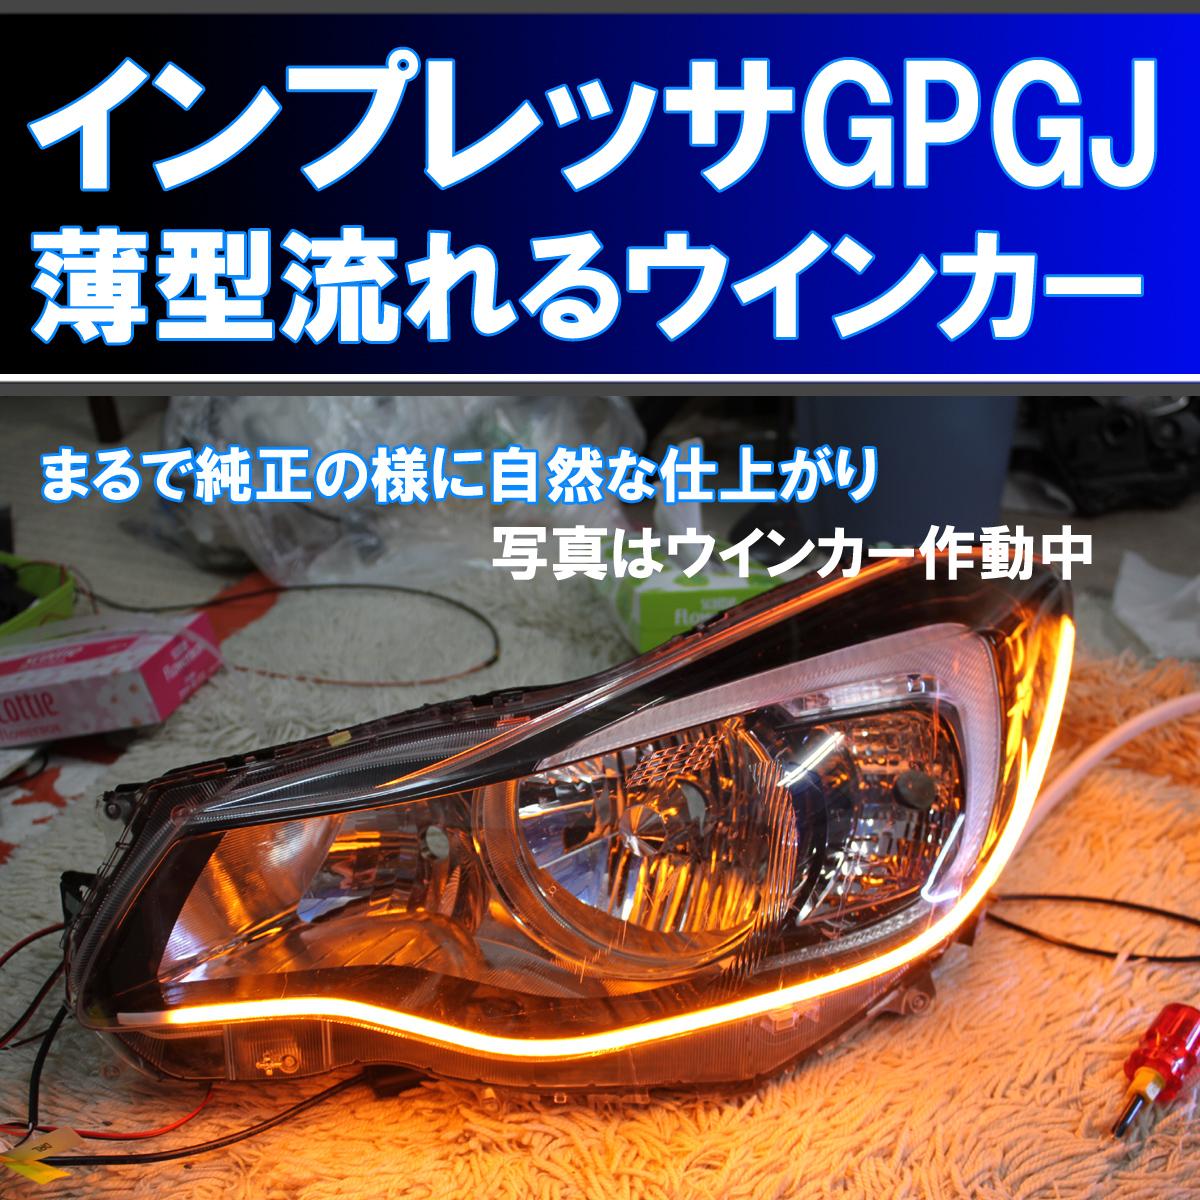 ★インプレッサ GP GJ 最強 薄型シーケンシャルウインカー 過去最高に美しいです アイライン 流れるウインカー デイライト スバル